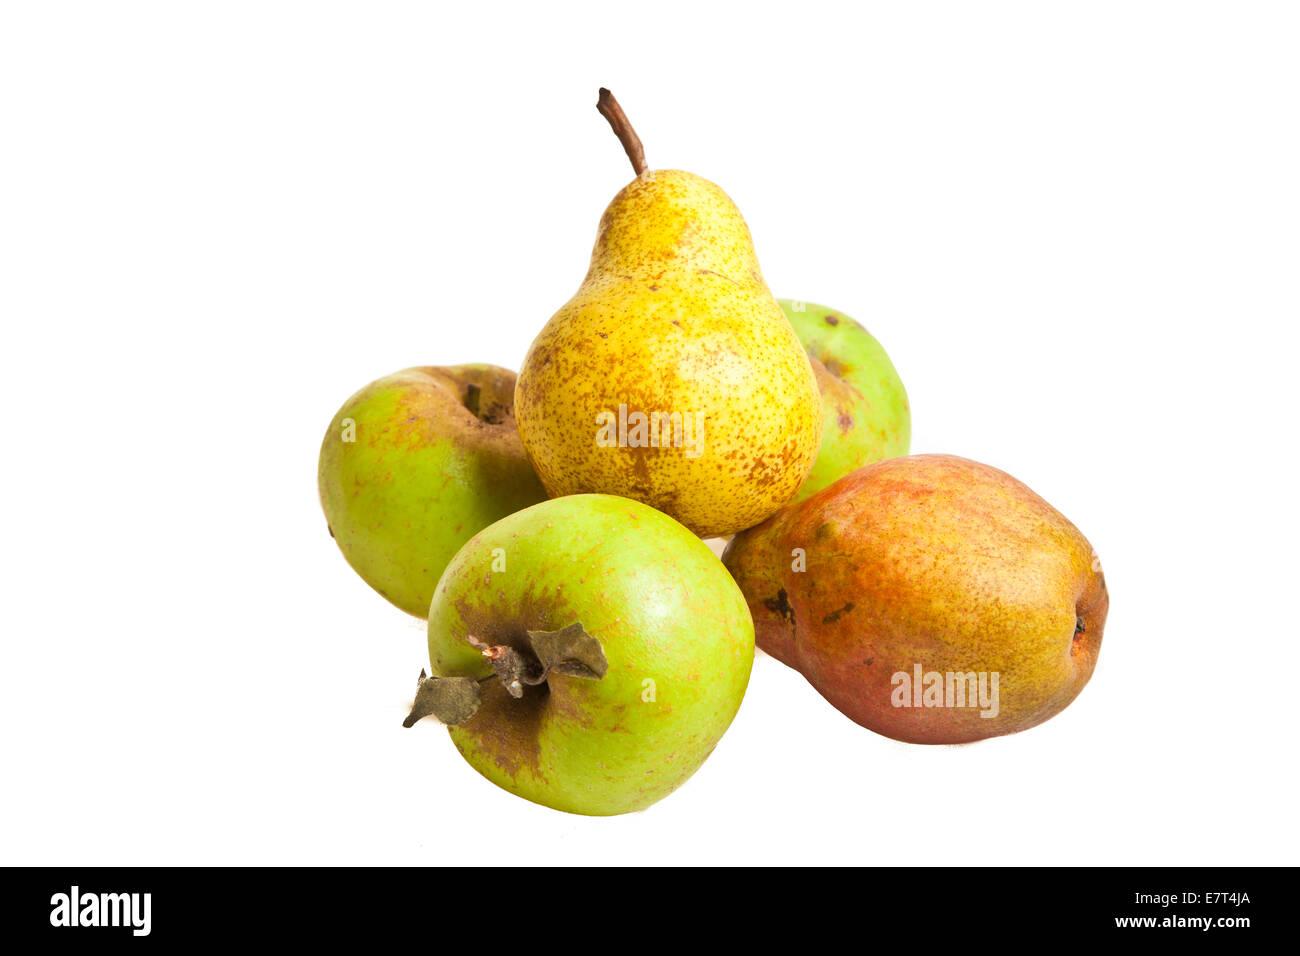 Verde biologico apple frutti isolati su sfondo bianco Immagini Stock